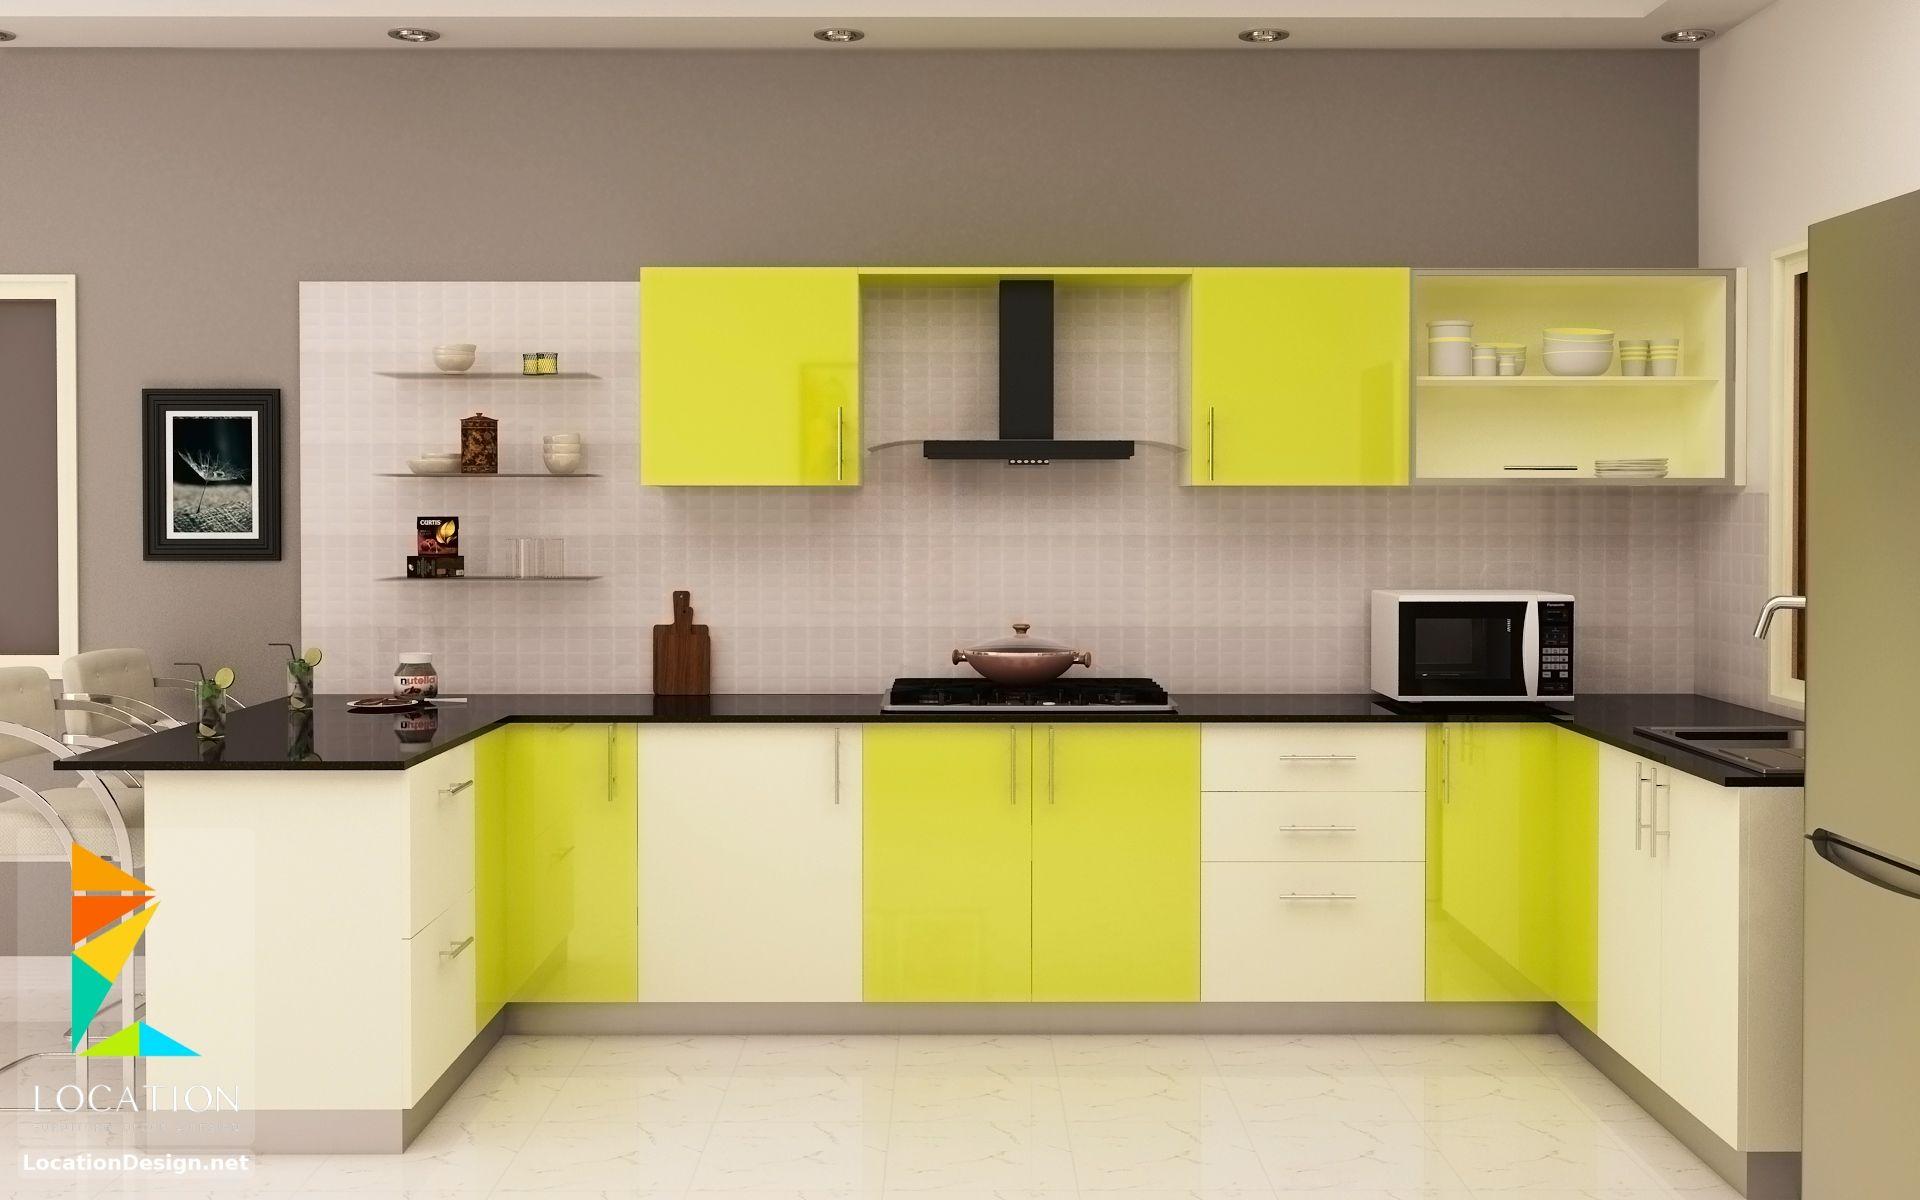 أحدث كتالوج صور تصميمات مطابخ مودرن من افضل الوان المطابخ 2019 2020 Kitchen Cabinets Color Combination Kitchen Cabinet Design Kitchen Remodel Layout